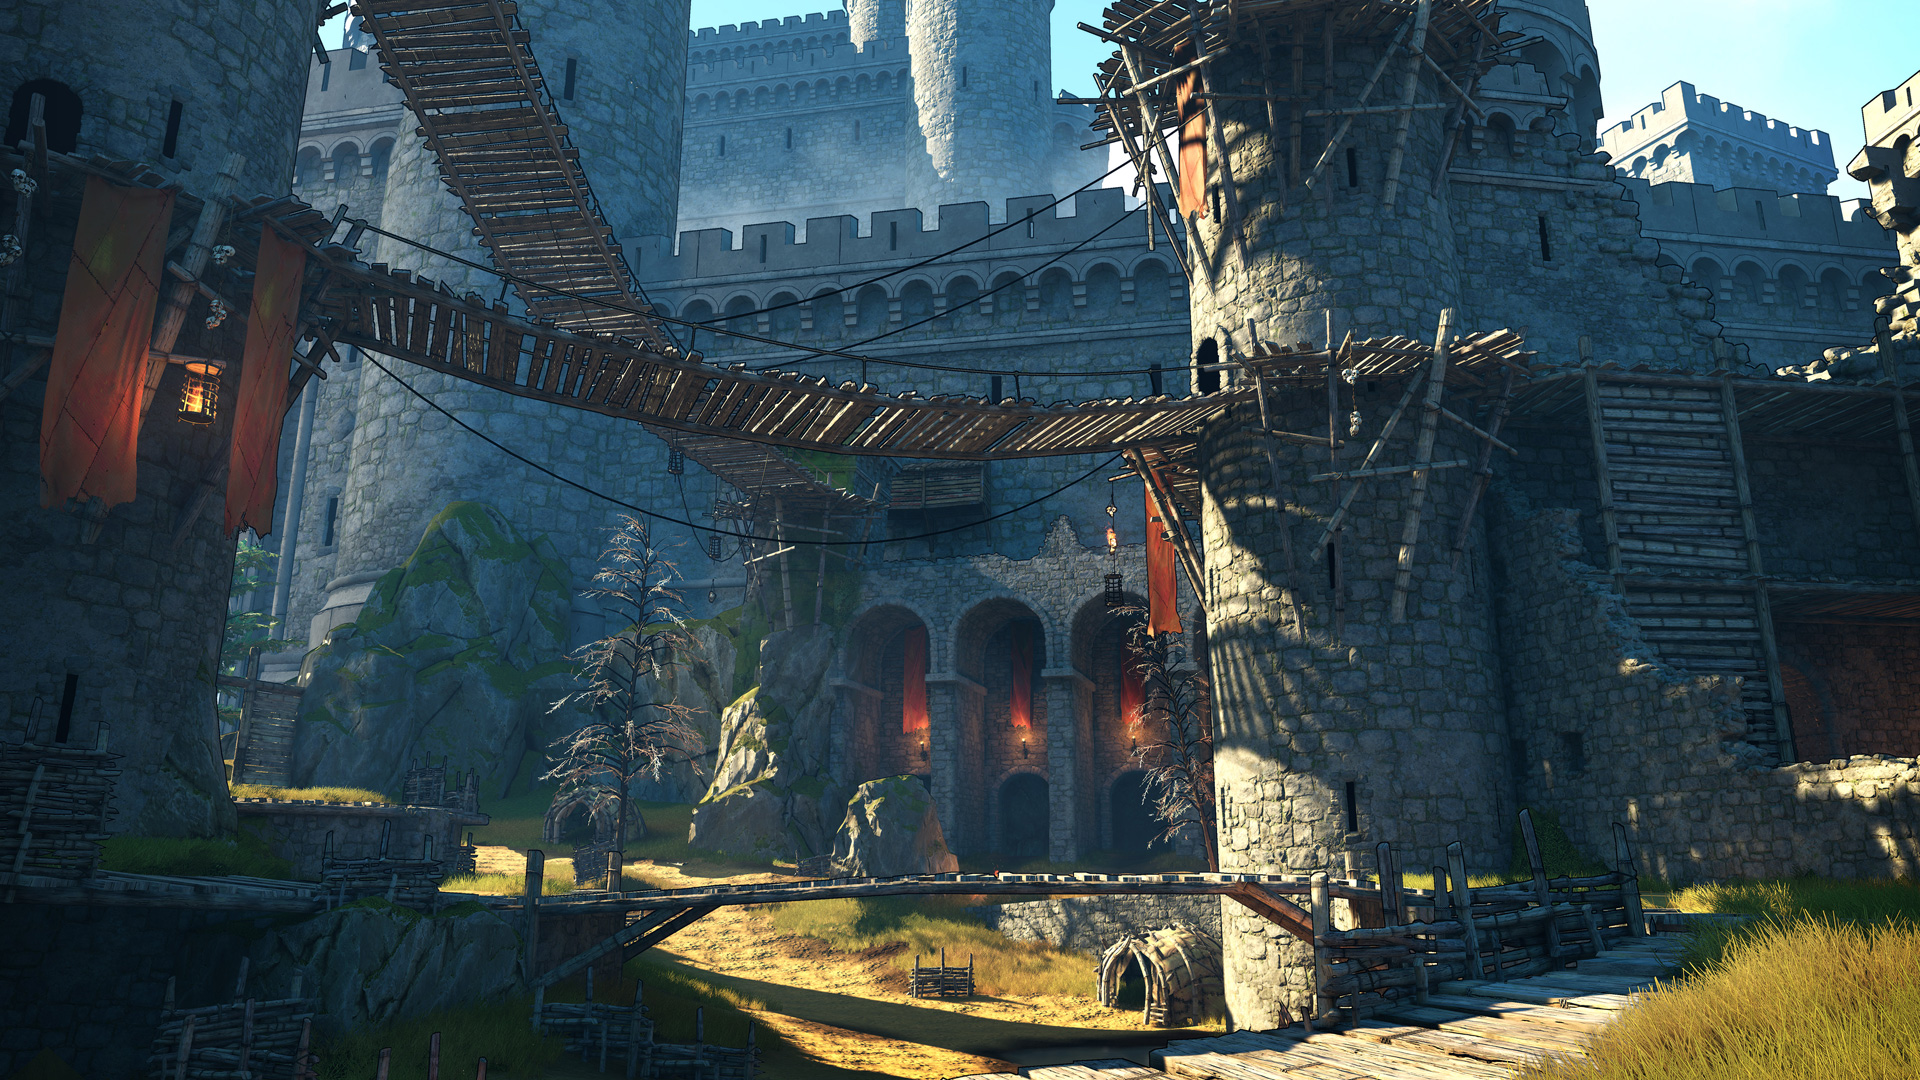 Ein Schloss in einer Fantasywelt